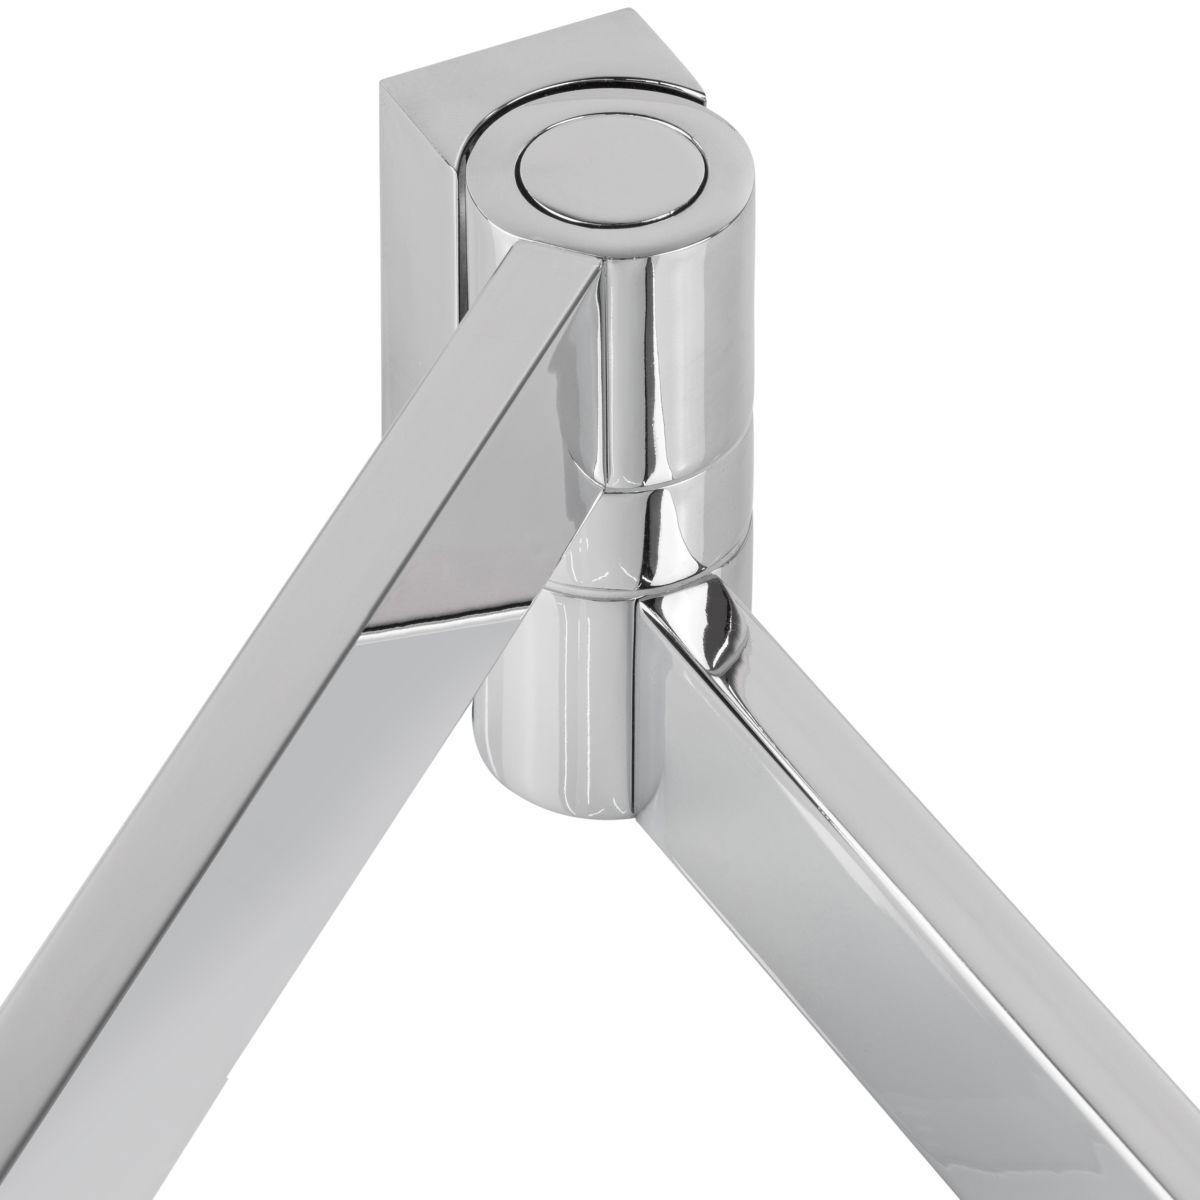 Handtuchhalter ATLANTIK aus Stahl 400 mm schwenkbar